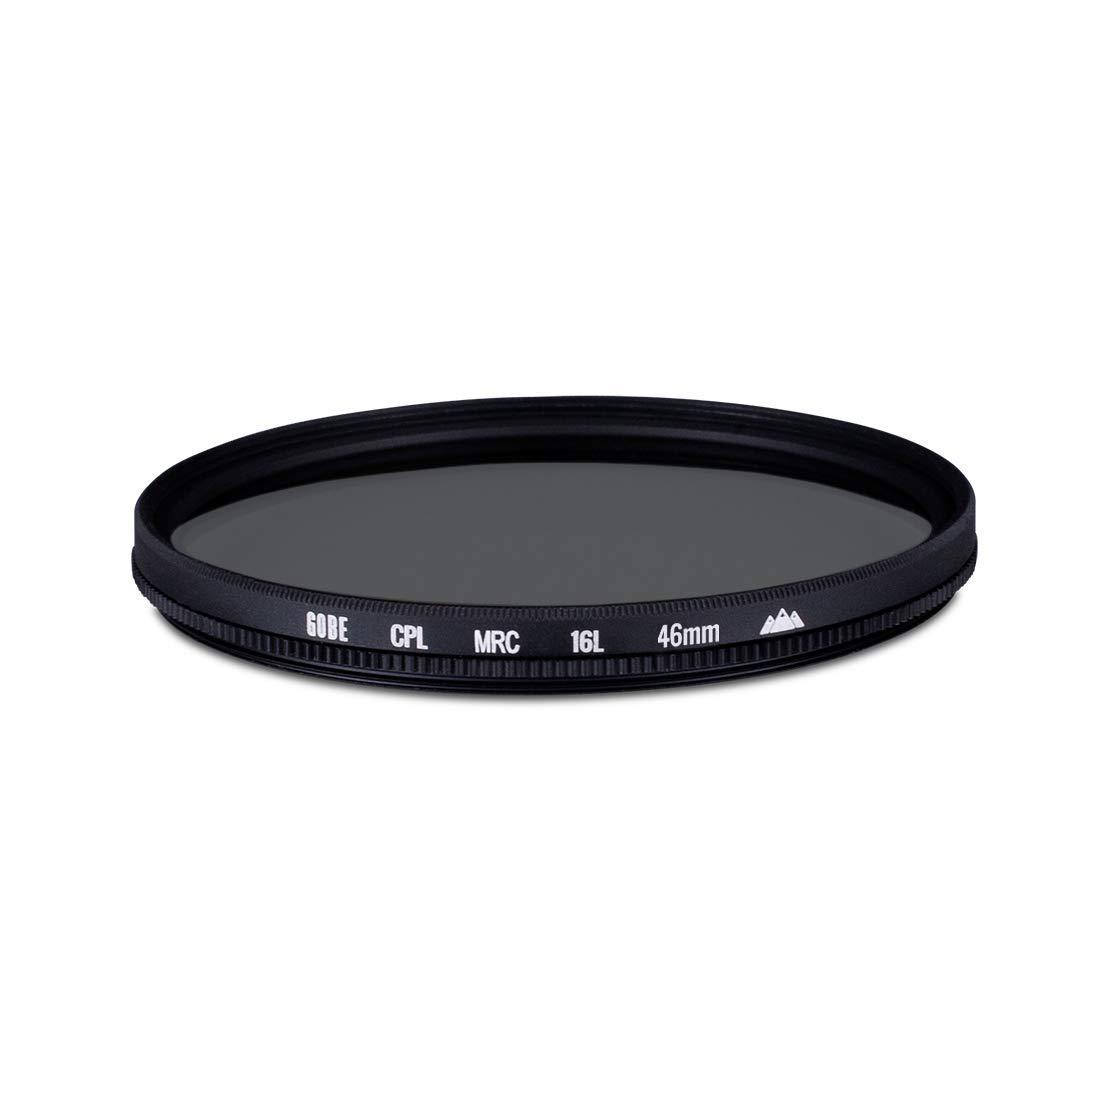 Lens Filter 3Peak Gobe 52mm Circular Polarizing CPL